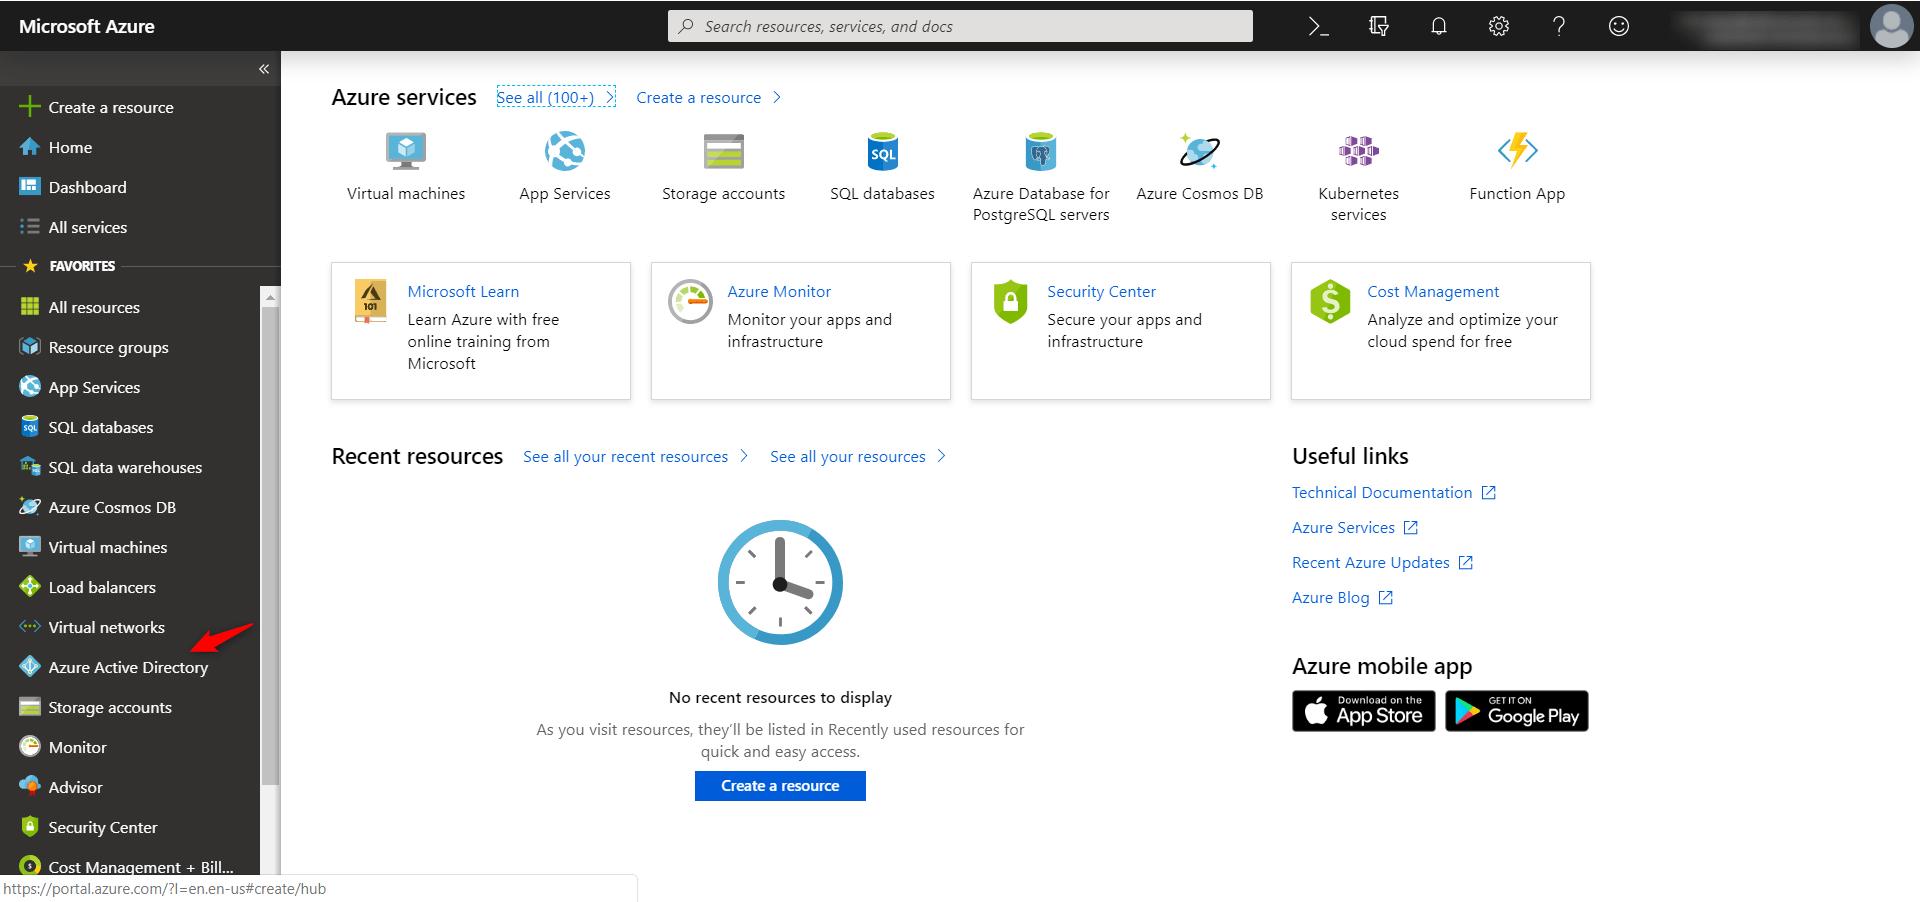 Windows 10 Auto-enrollment